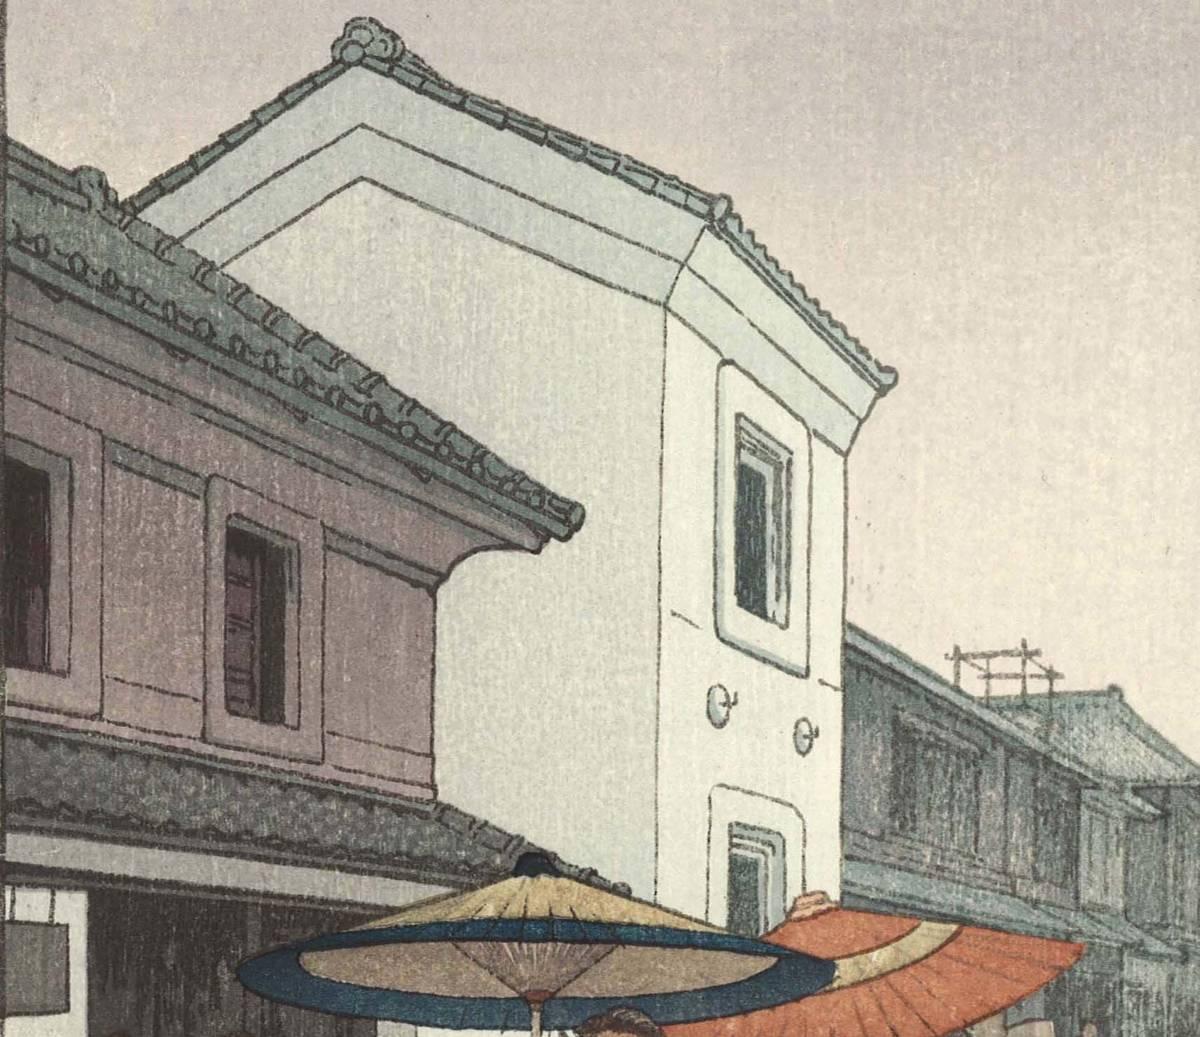 吉田遠志 木版画 014002 雨傘 (Umbrella) 初摺1940年  最高峰の摺師の技をご堪能下さい!!_画像9